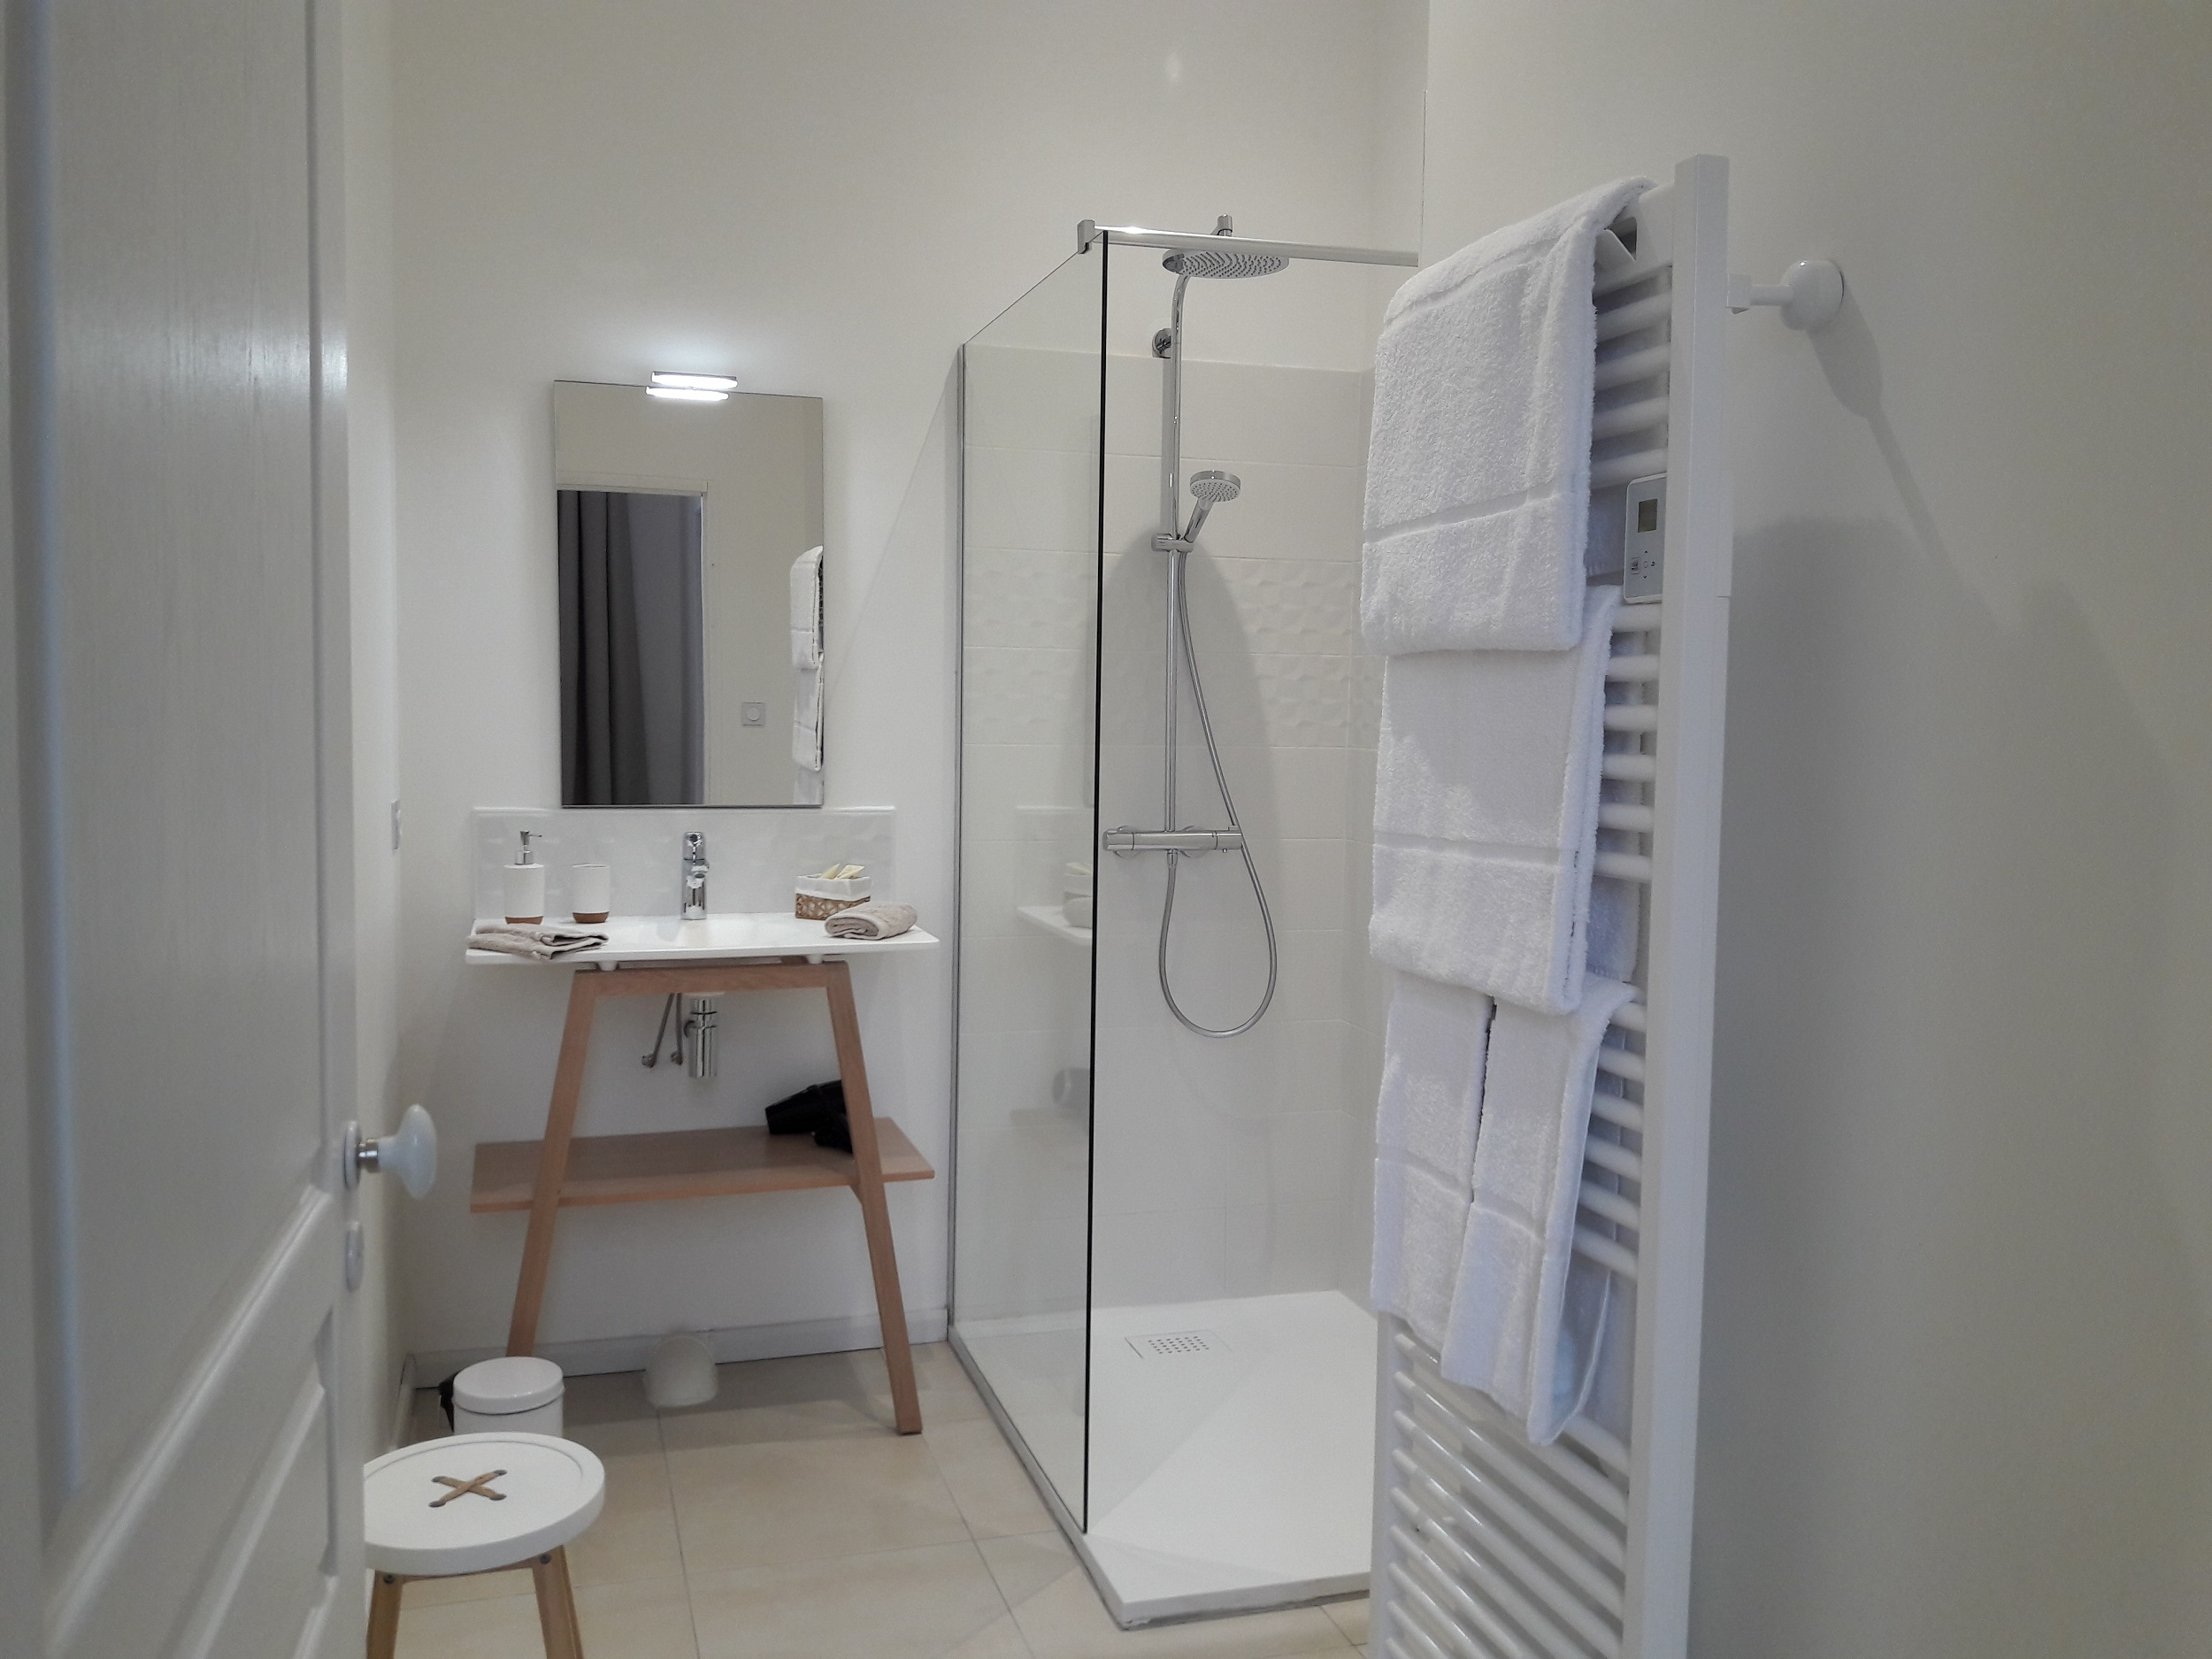 Salle de bain à la décoration épurée dans les tons de blanc, vasque moderne avec produits de douche bio, douche à l'italienne et serviettes de qualité